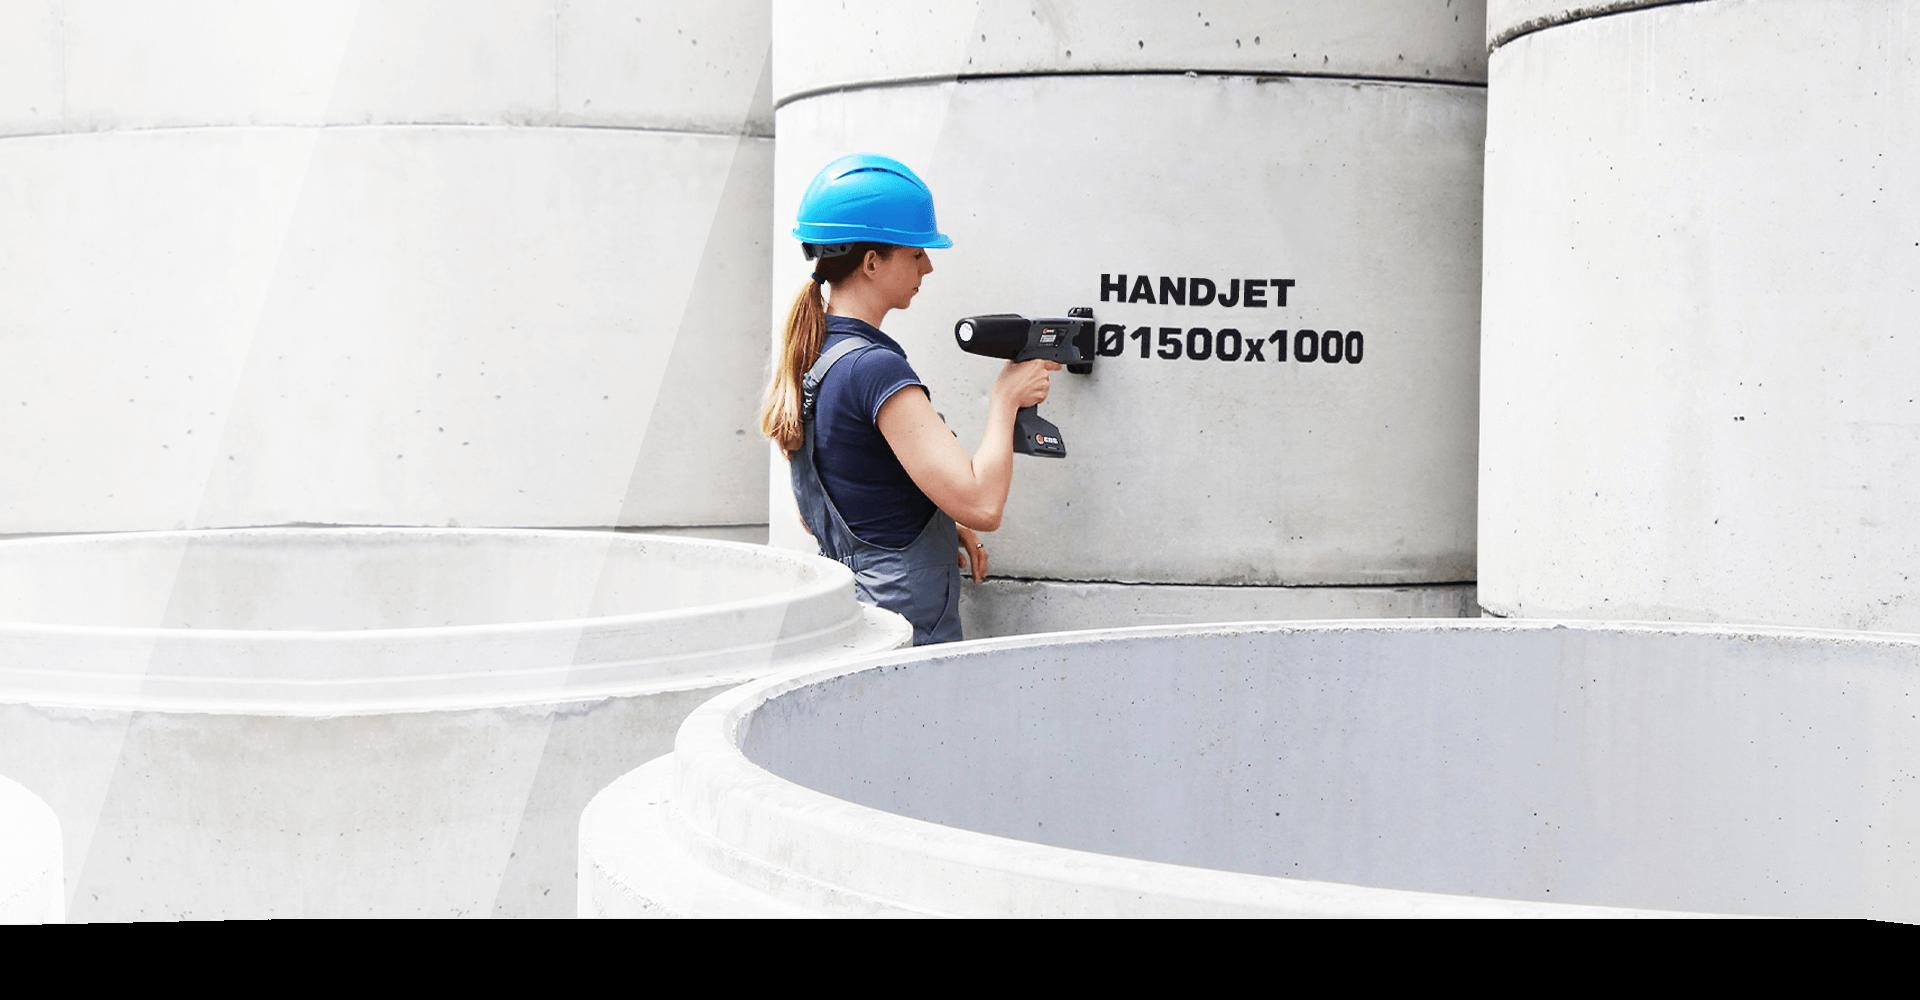 Handjet - seria mobilnych, przemysłowych drukarek atramentowych (8 ÷ 58 mm wysokości wydruku, technologia DOD – drop-on-demand) przeznaczone dobezdotykowego znakowania nakażdej powierzchni, wdowolnym miejscu ipołożeniu.